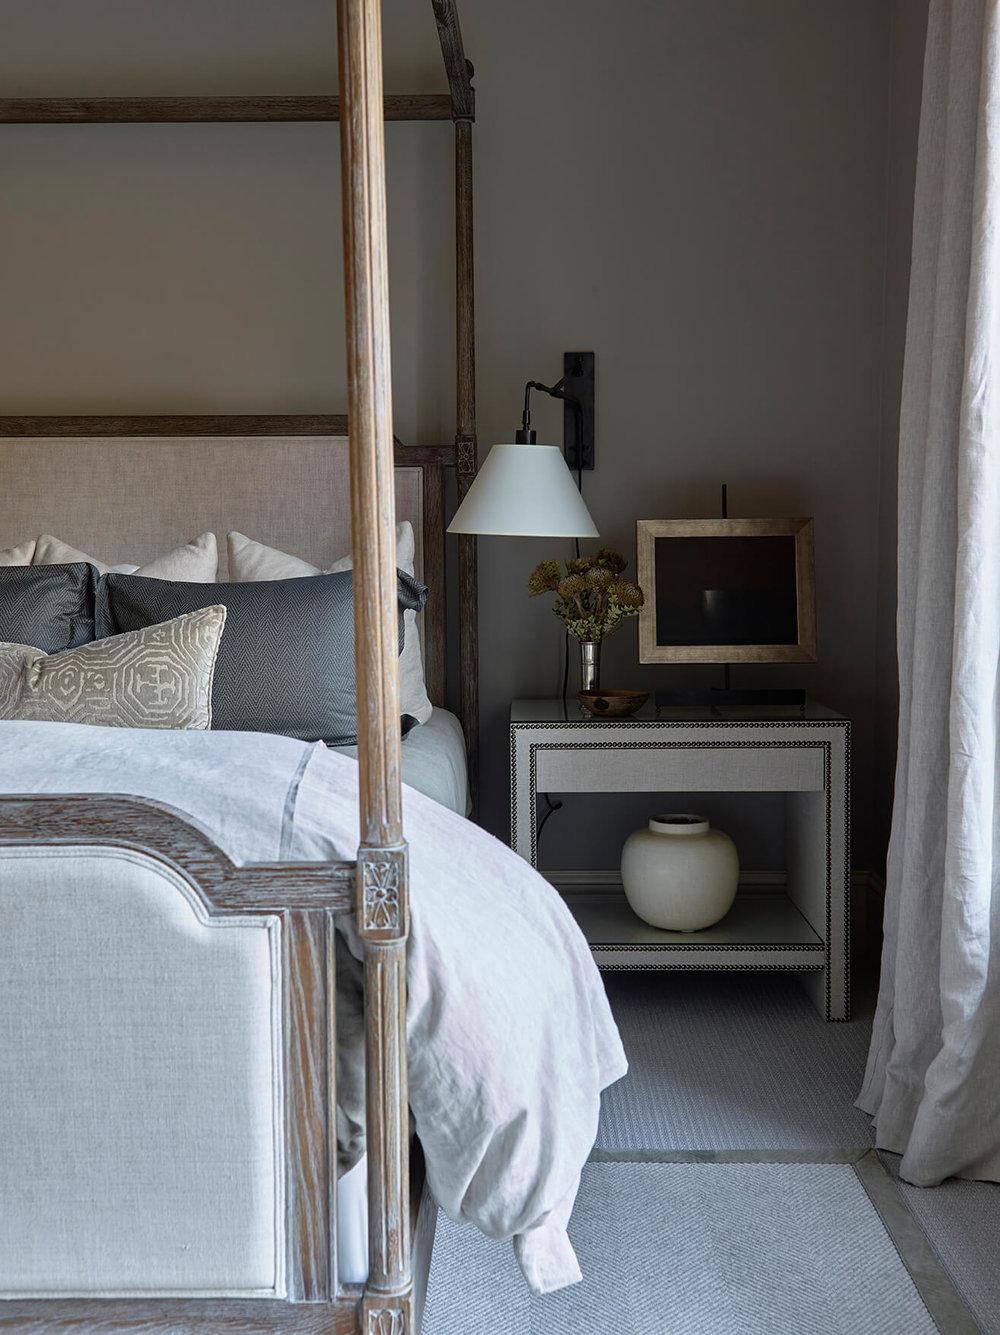 poster-bed-side-table-formal-transitional-bureau-interior-design-nashville-tn.jpg